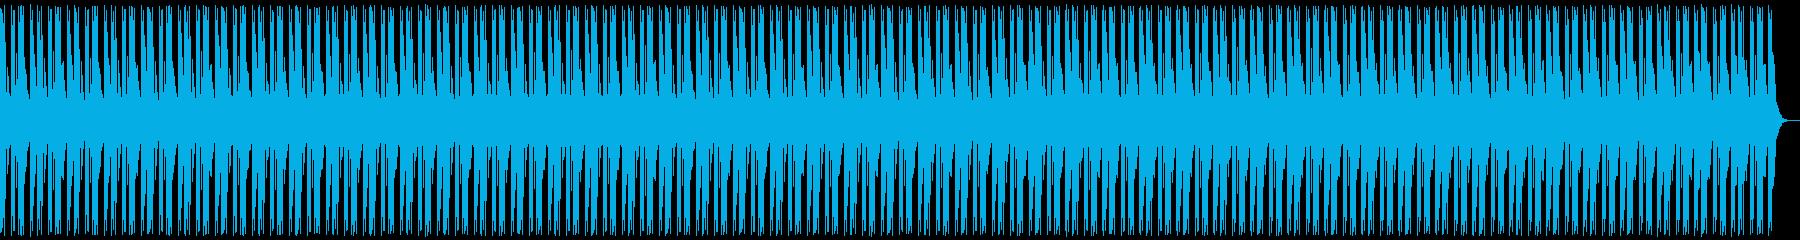 フリースタイル用ビートの再生済みの波形